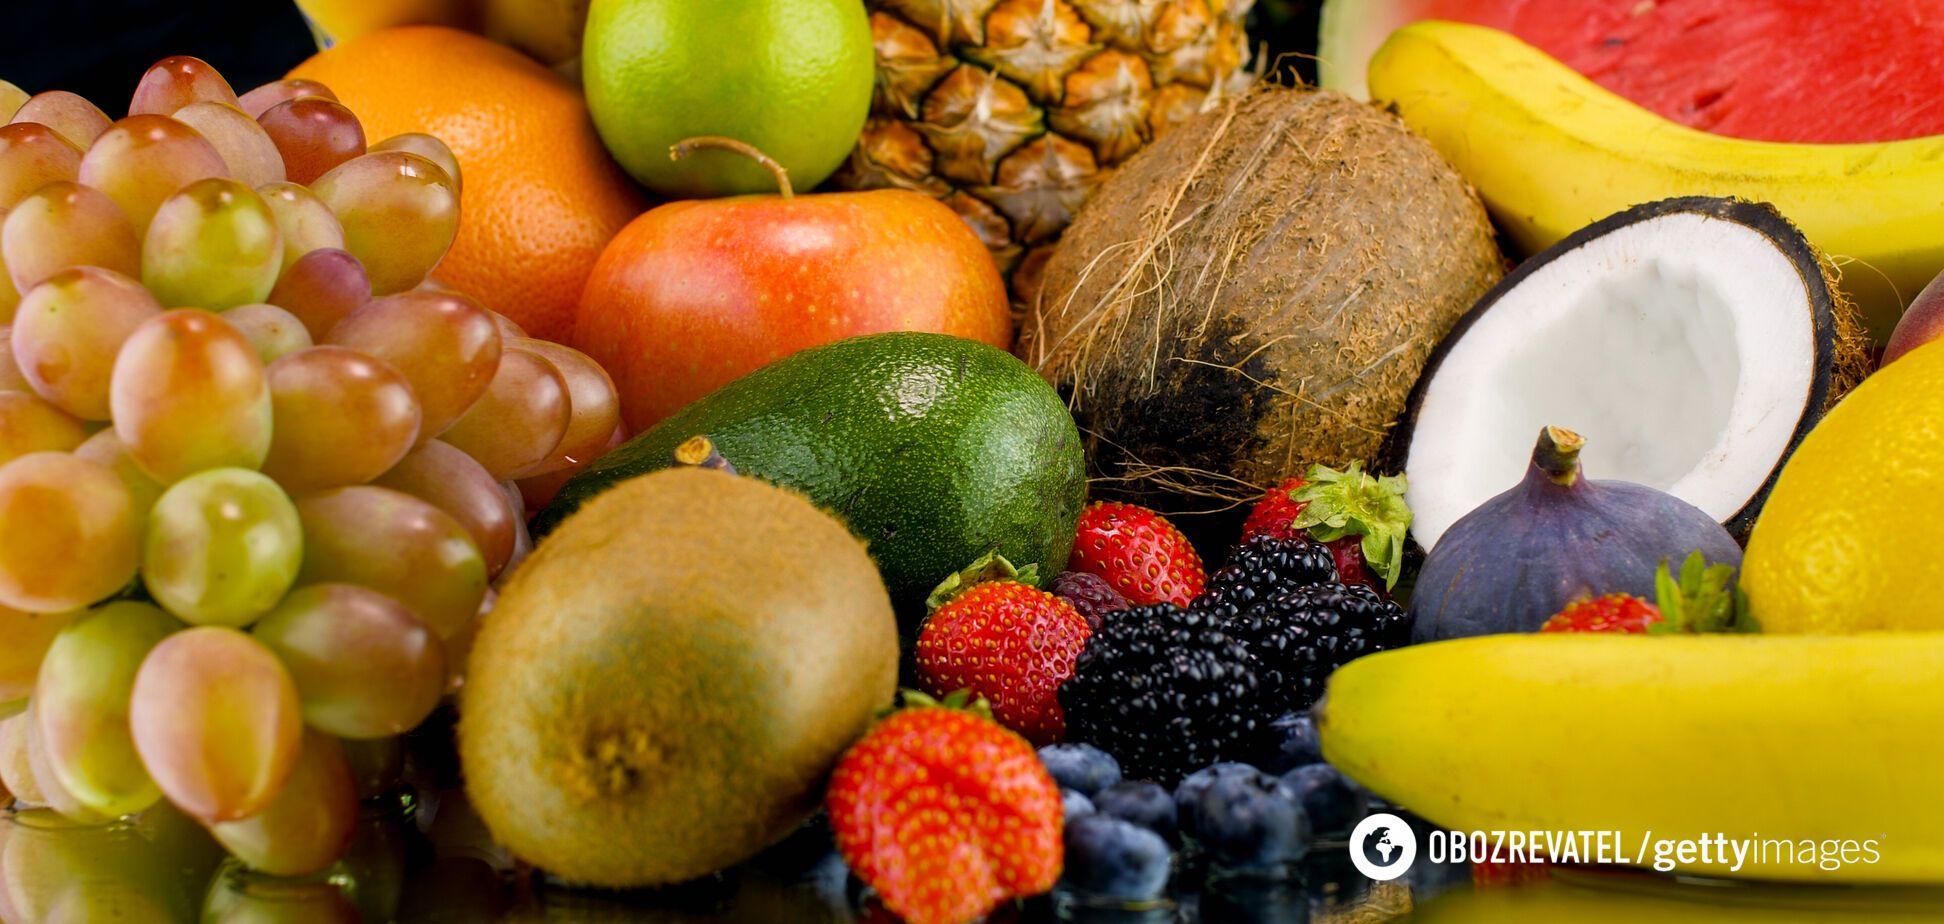 Фрукты могут способствовать увеличению веса, так как содержат жиры и фруктозу